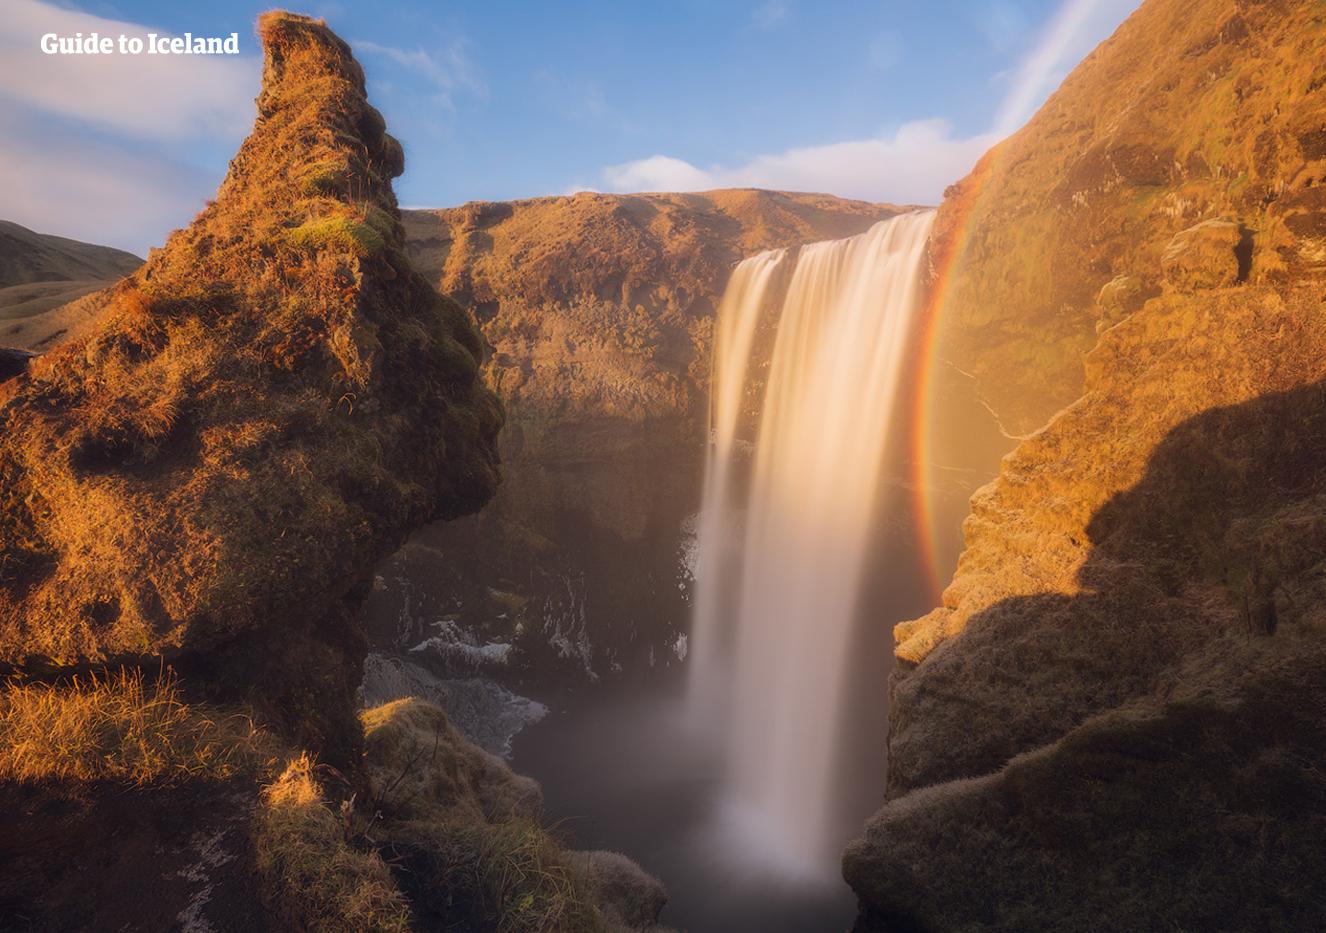 Zrób wspaniałe zdjęcie wodospadu Skógafoss na południowym wybrzeżu.